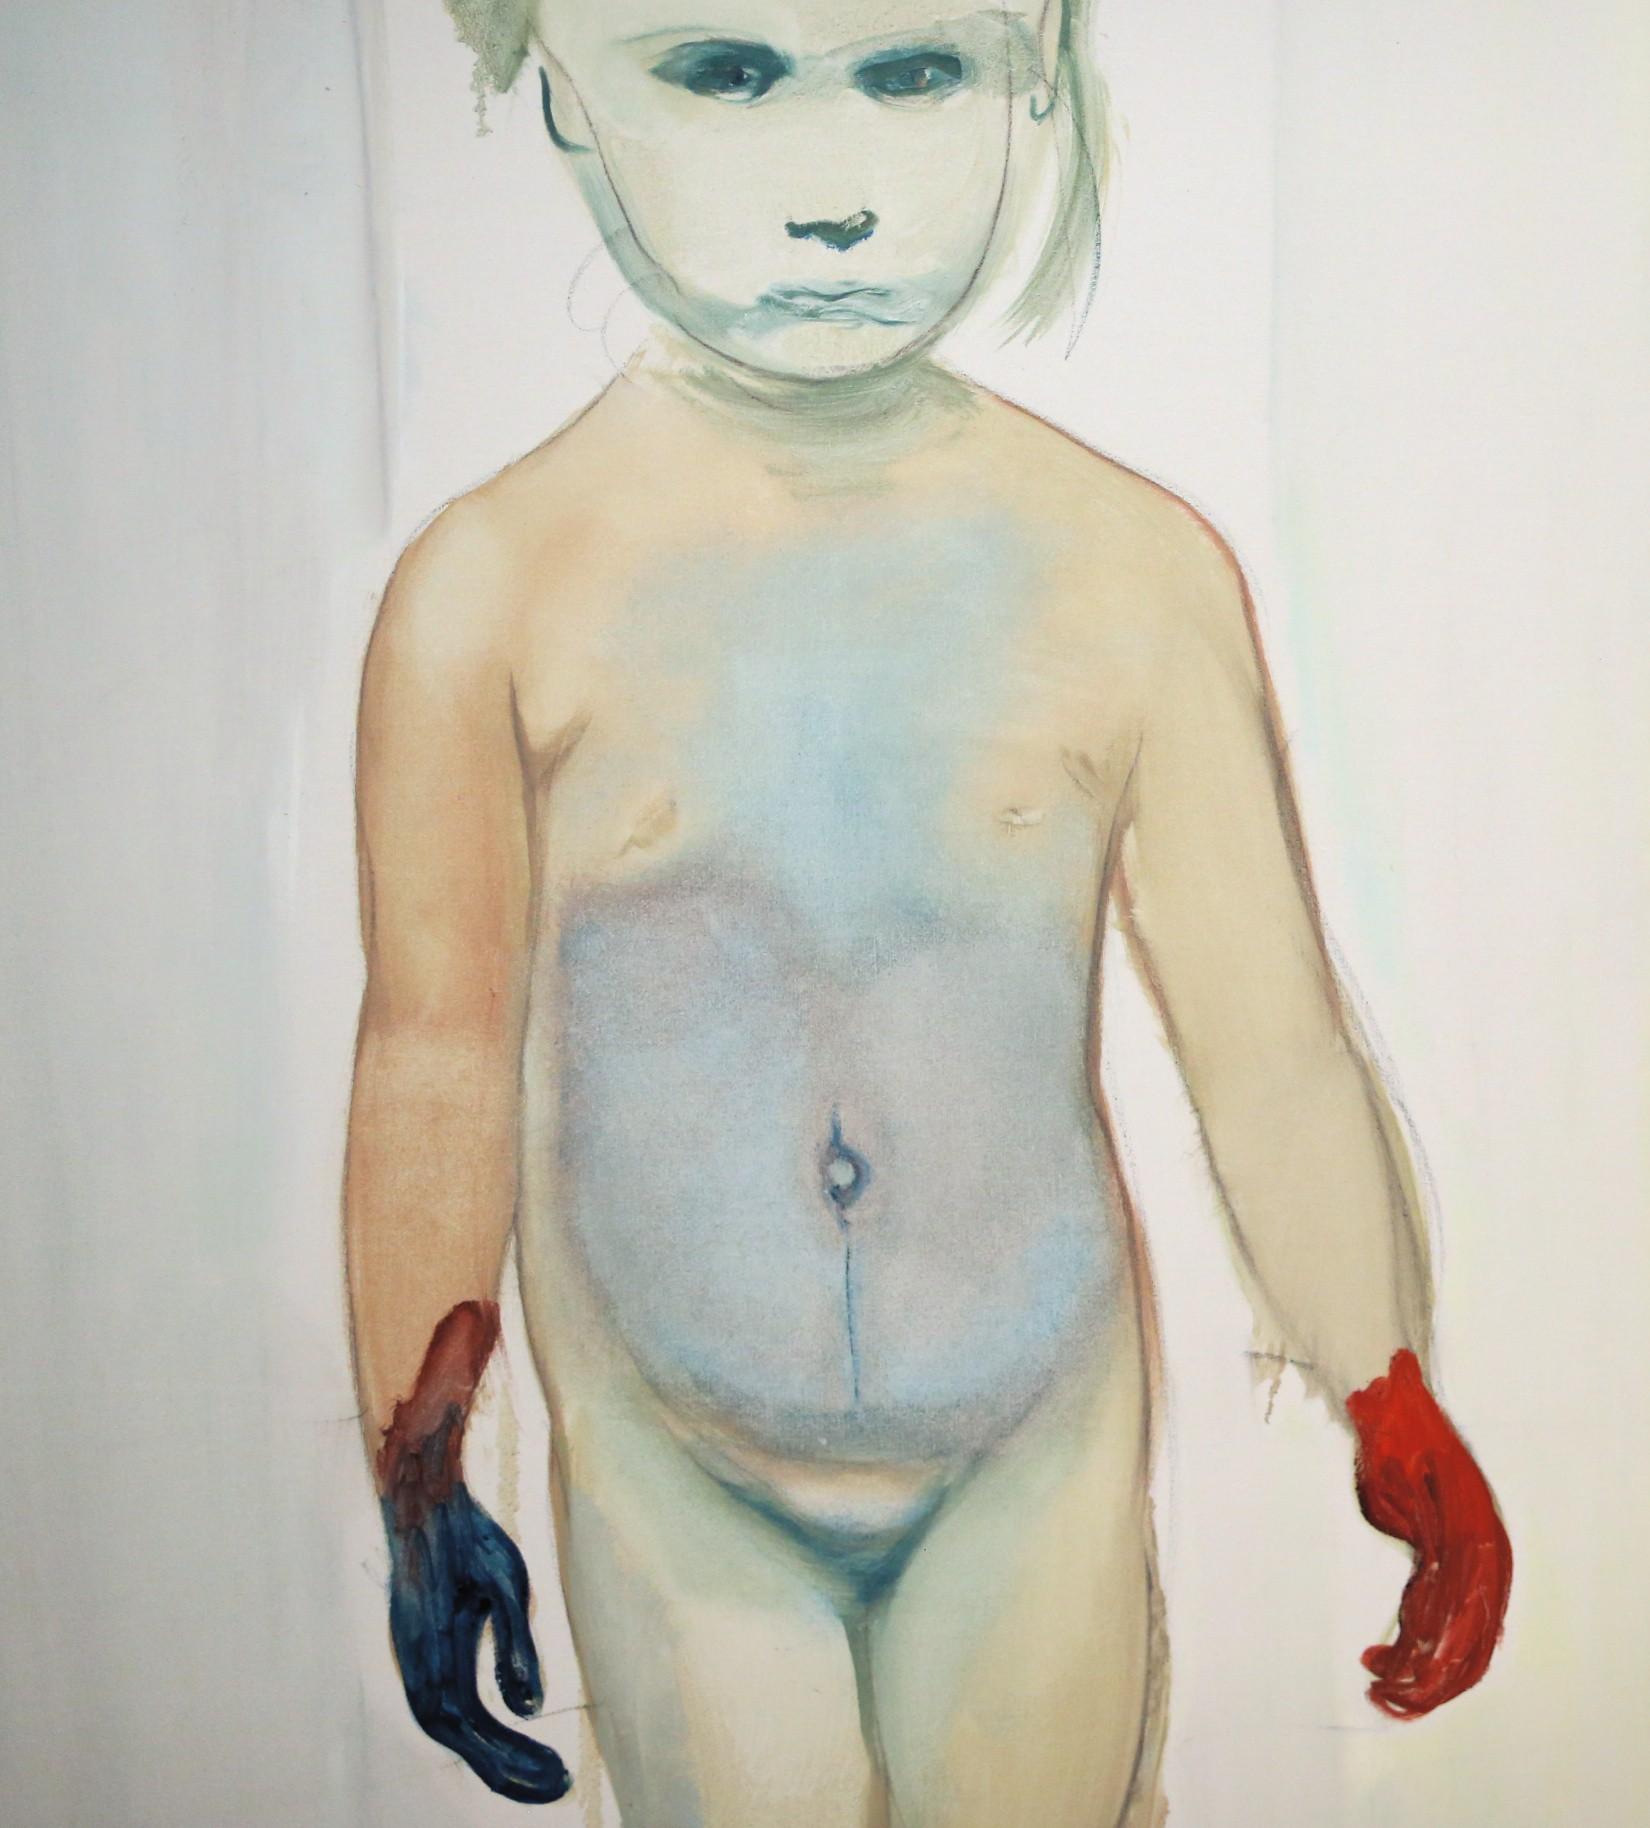 Marlene Dumas x Stedelijk © PulpCollectors 19